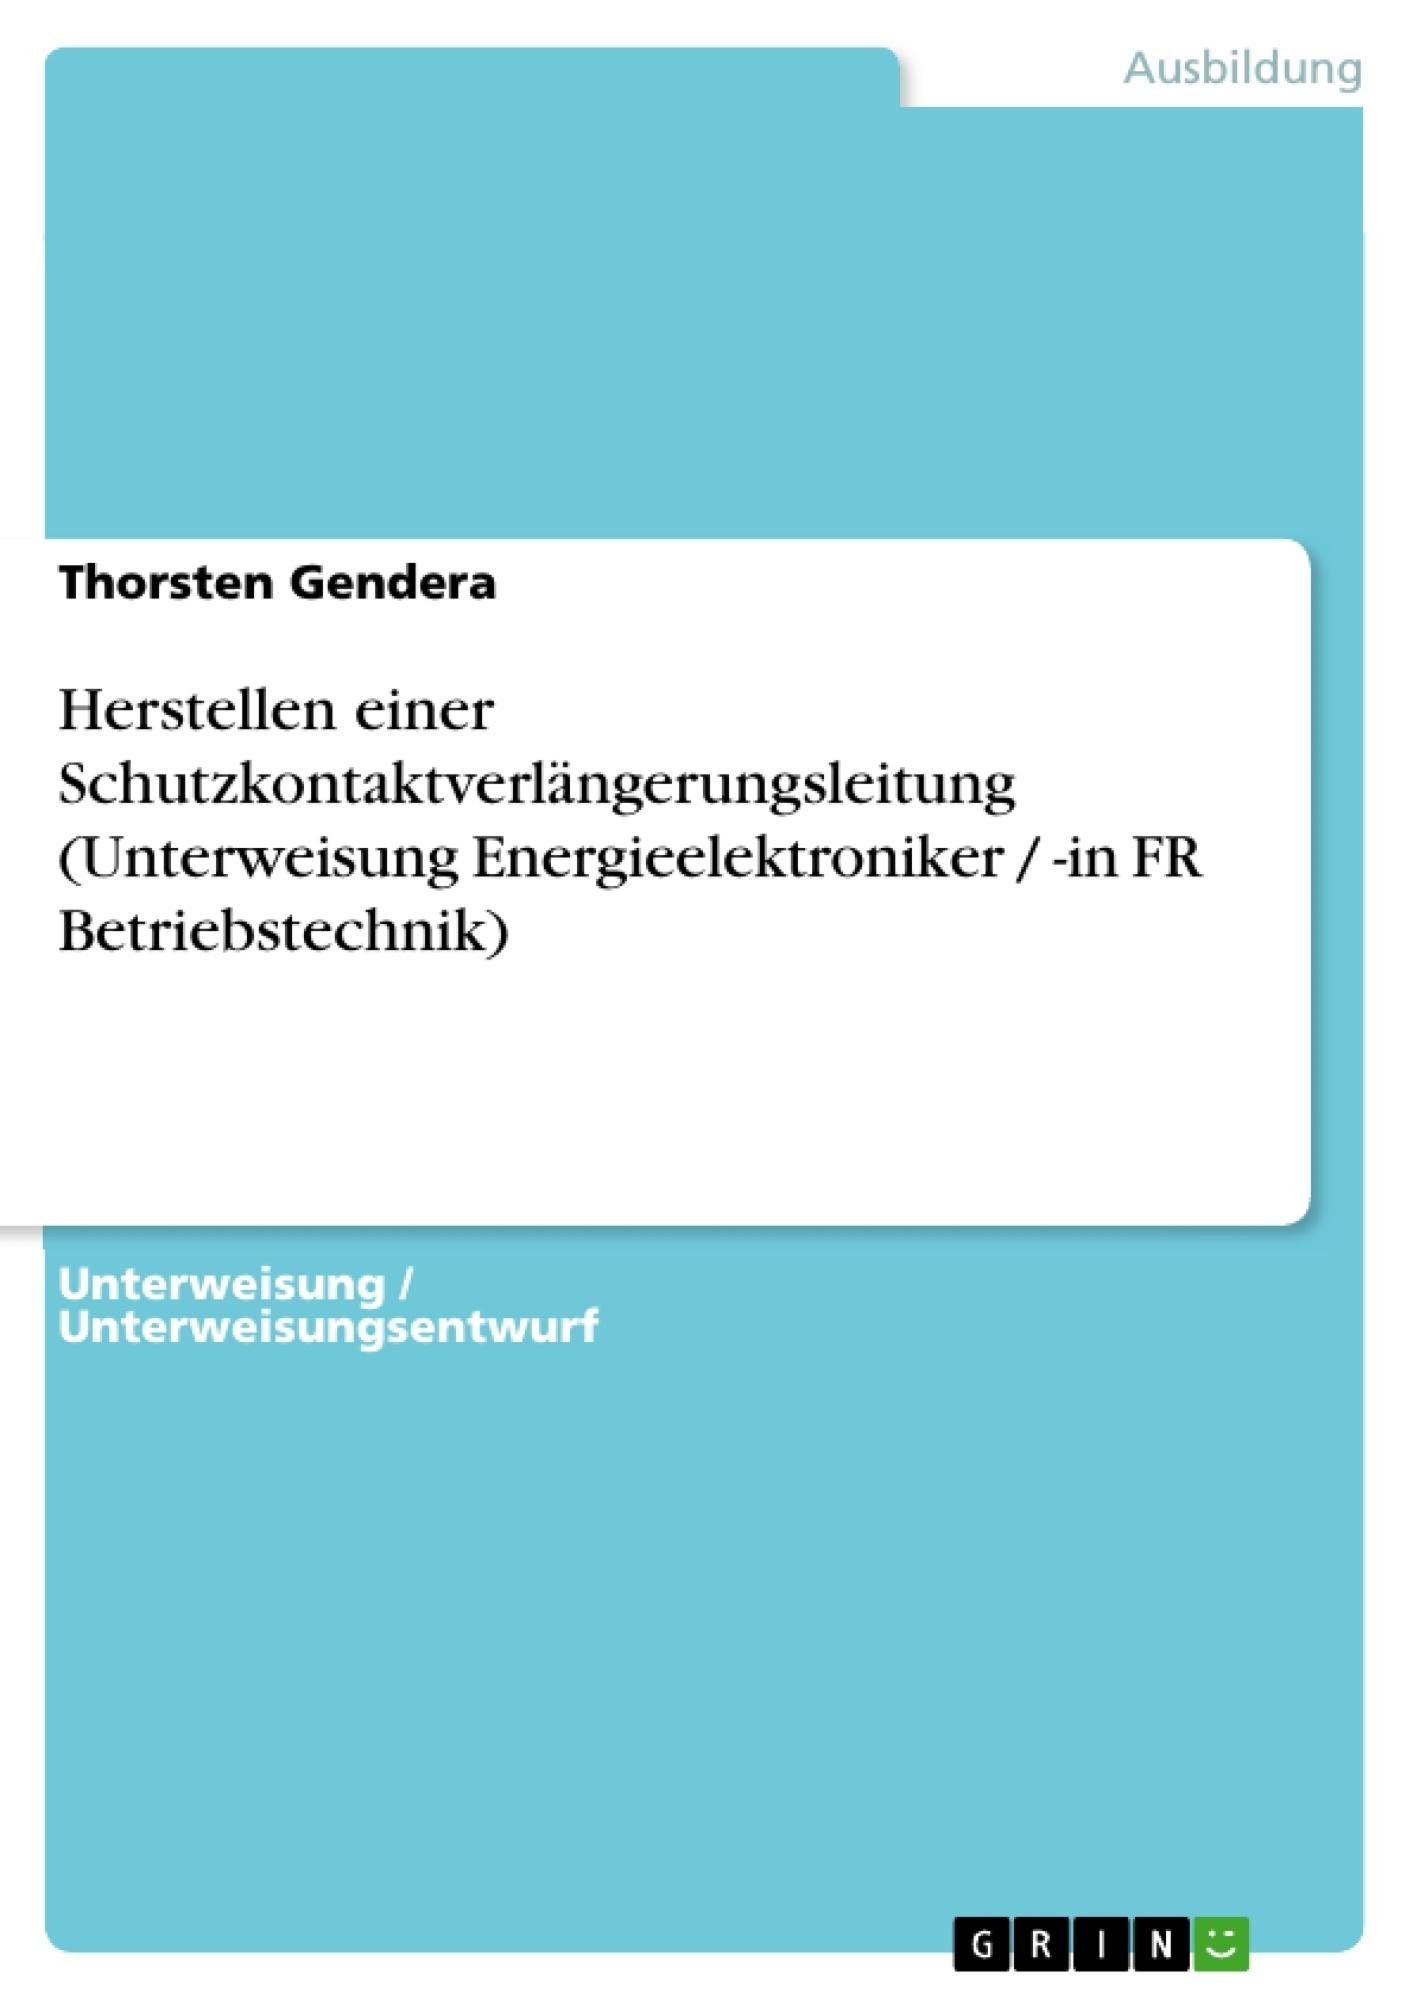 Titel: Herstellen einer Schutzkontaktverlängerungsleitung (Unterweisung Energieelektroniker / -in FR Betriebstechnik)